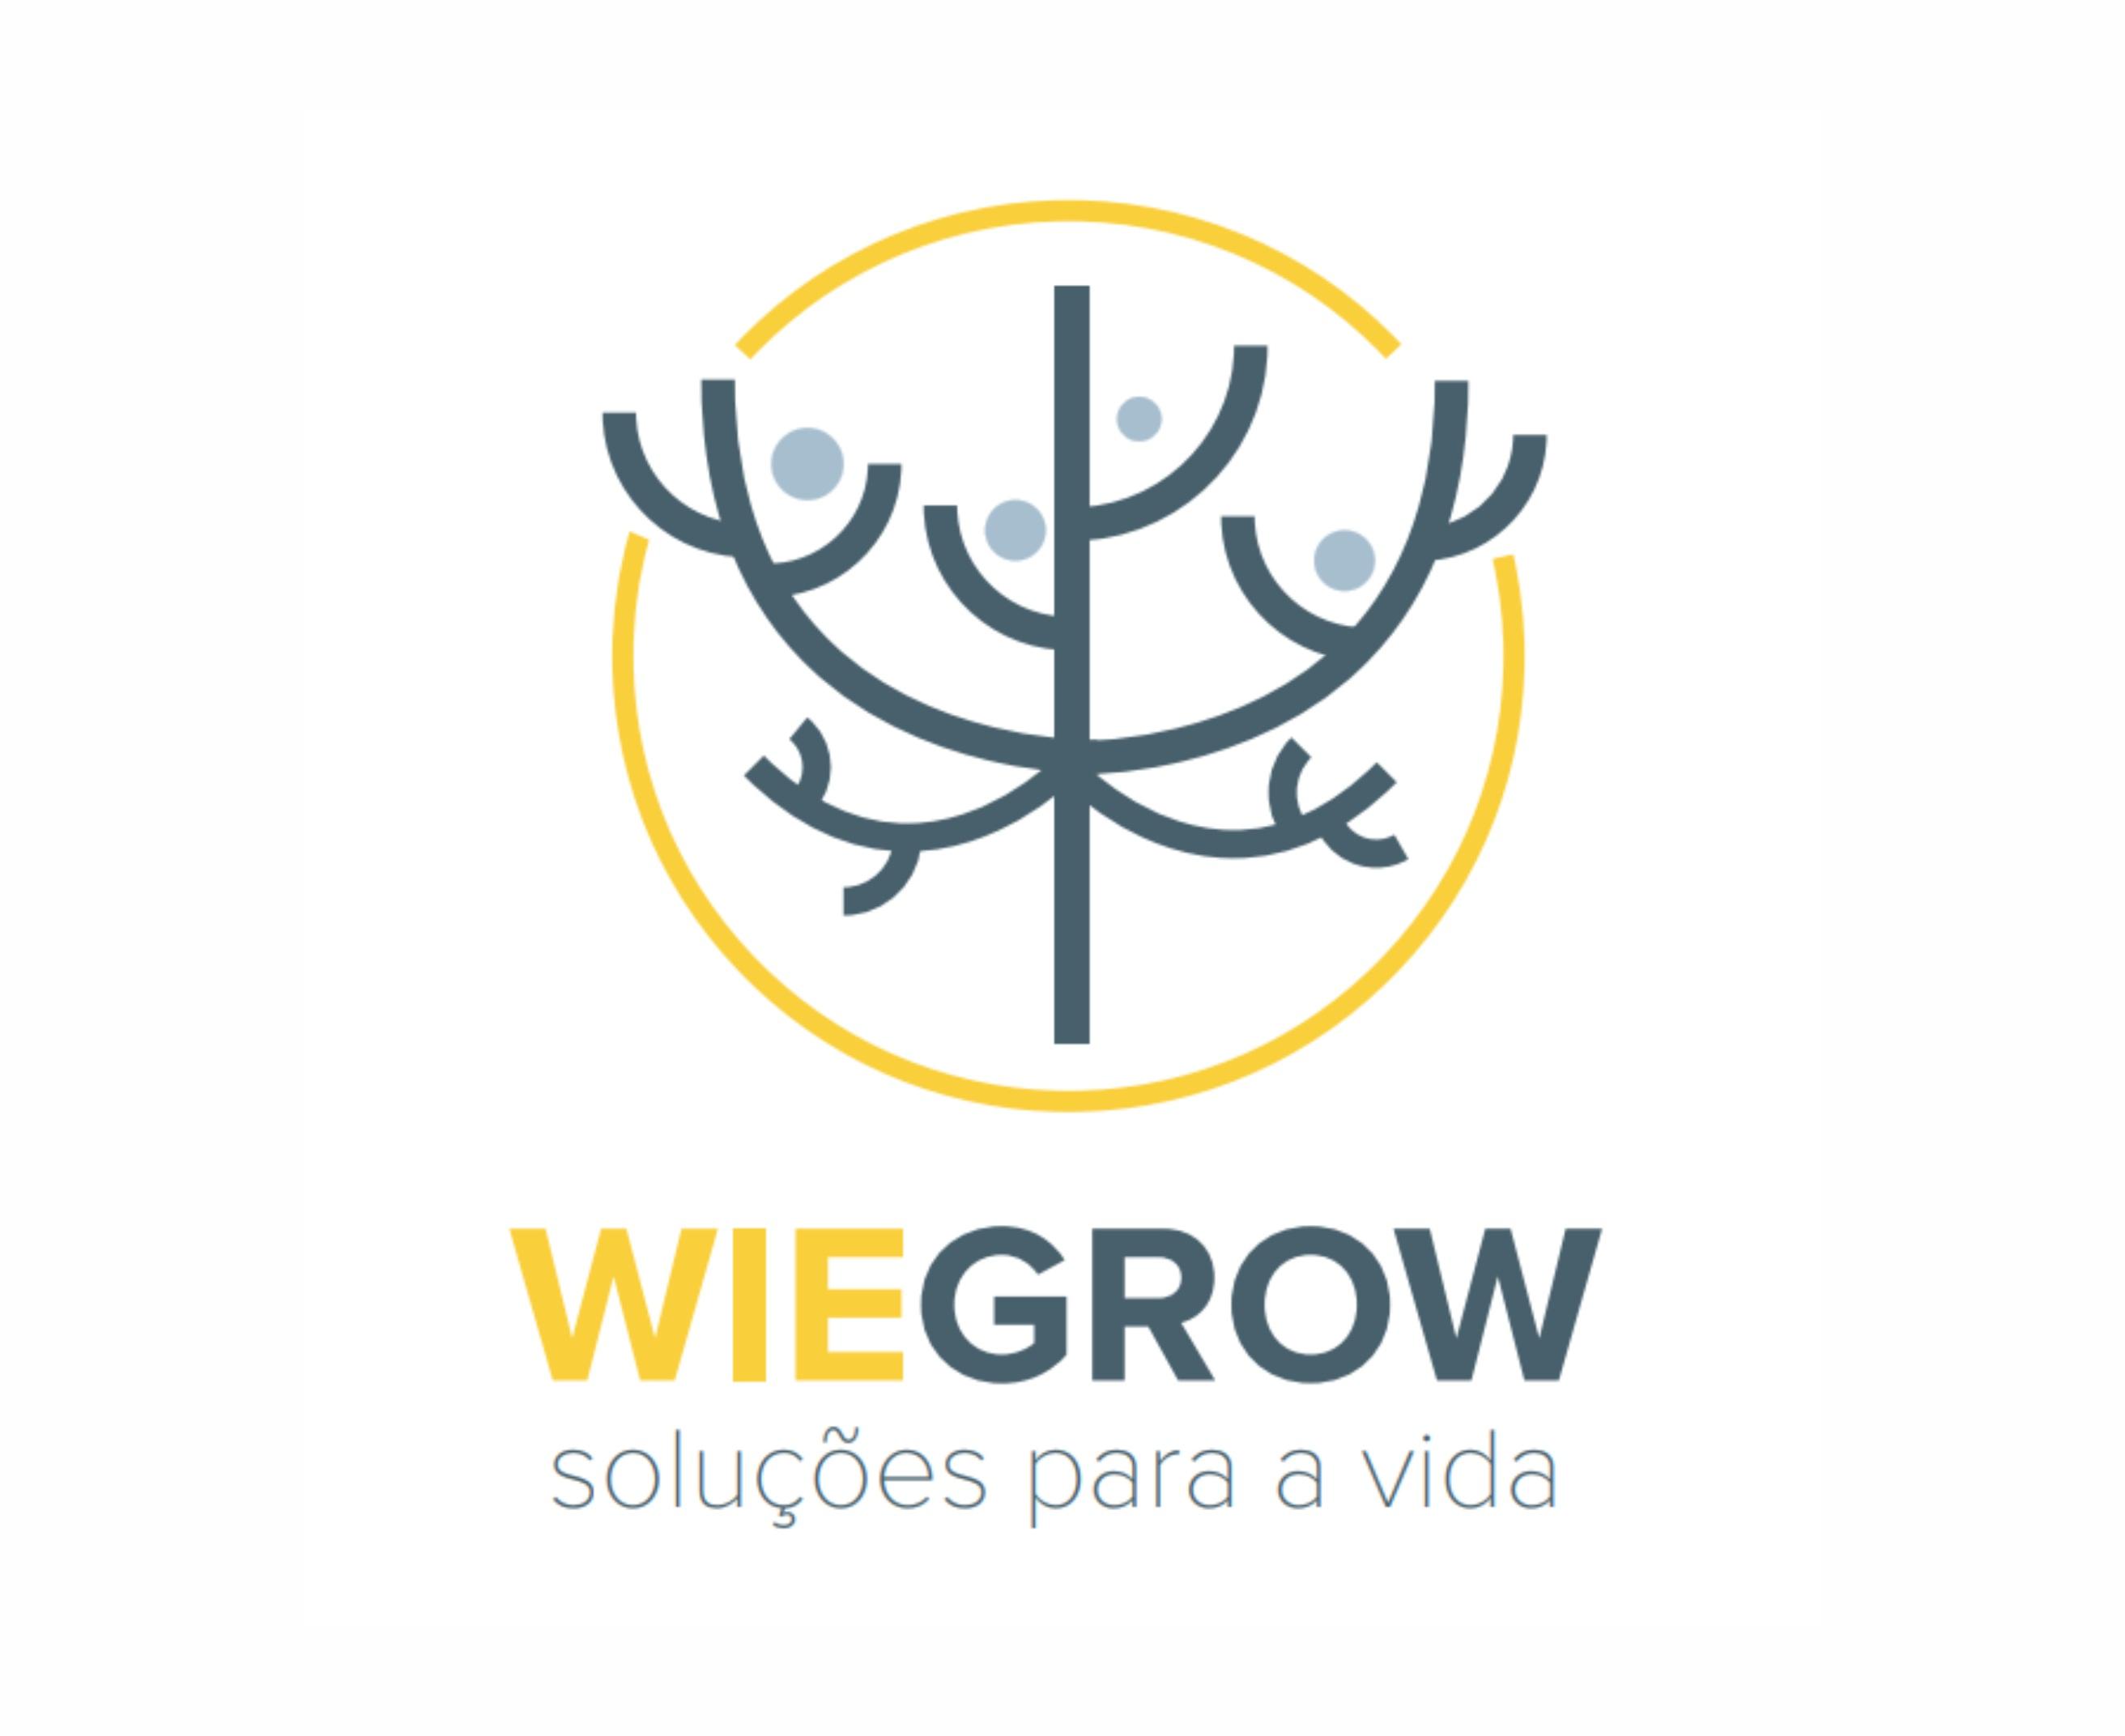 Wiegrow